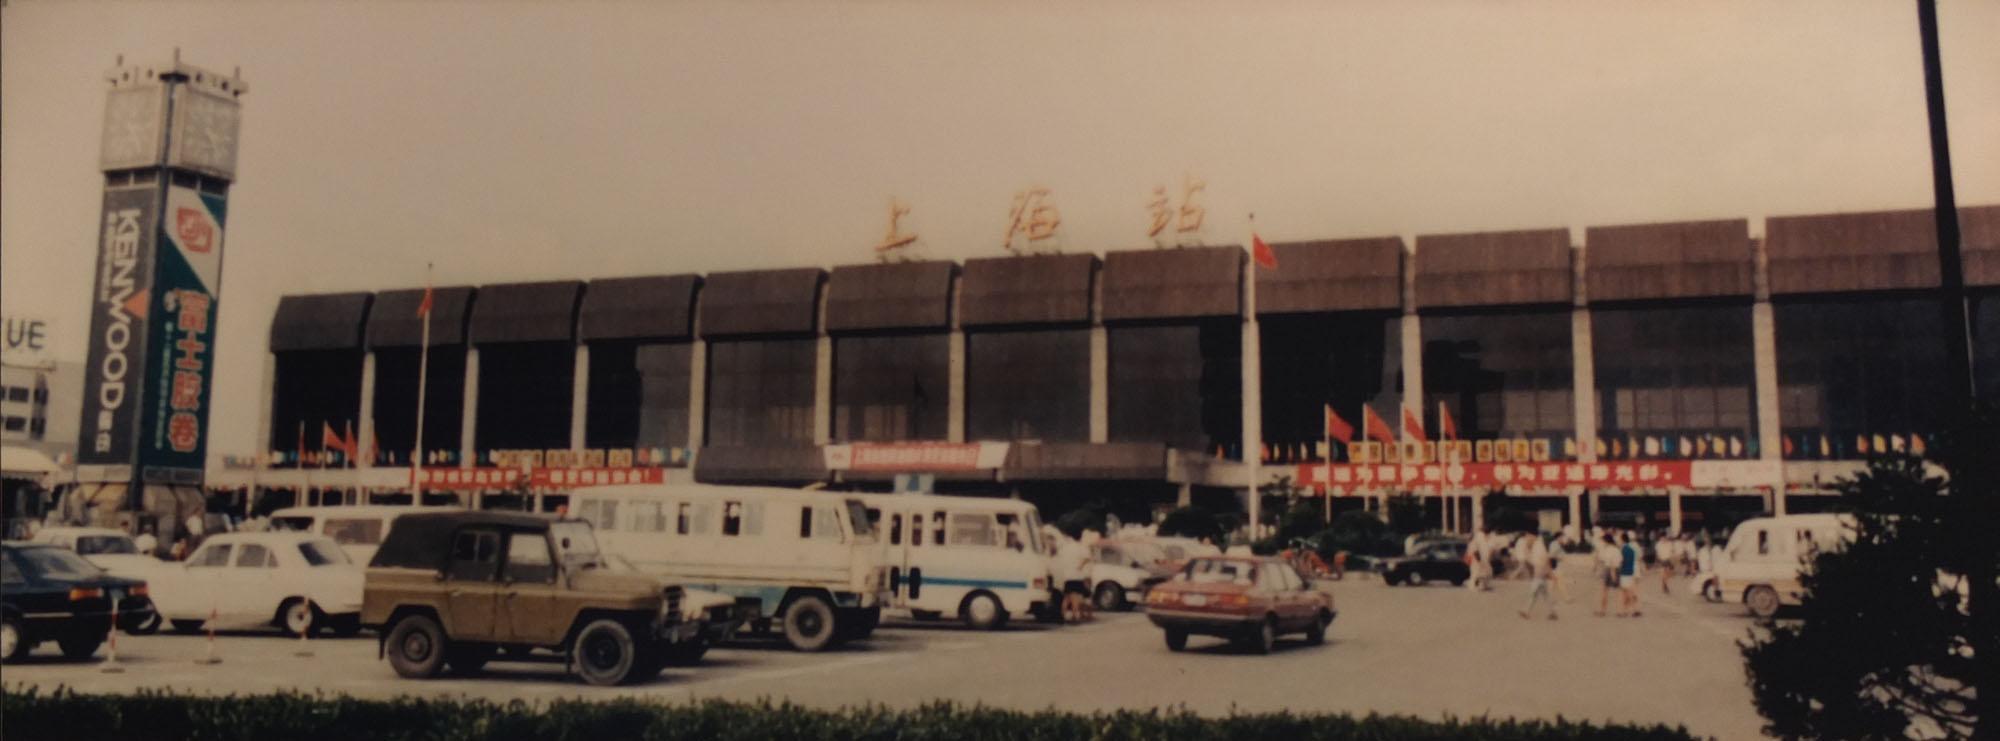 1988年的上海站.JPG